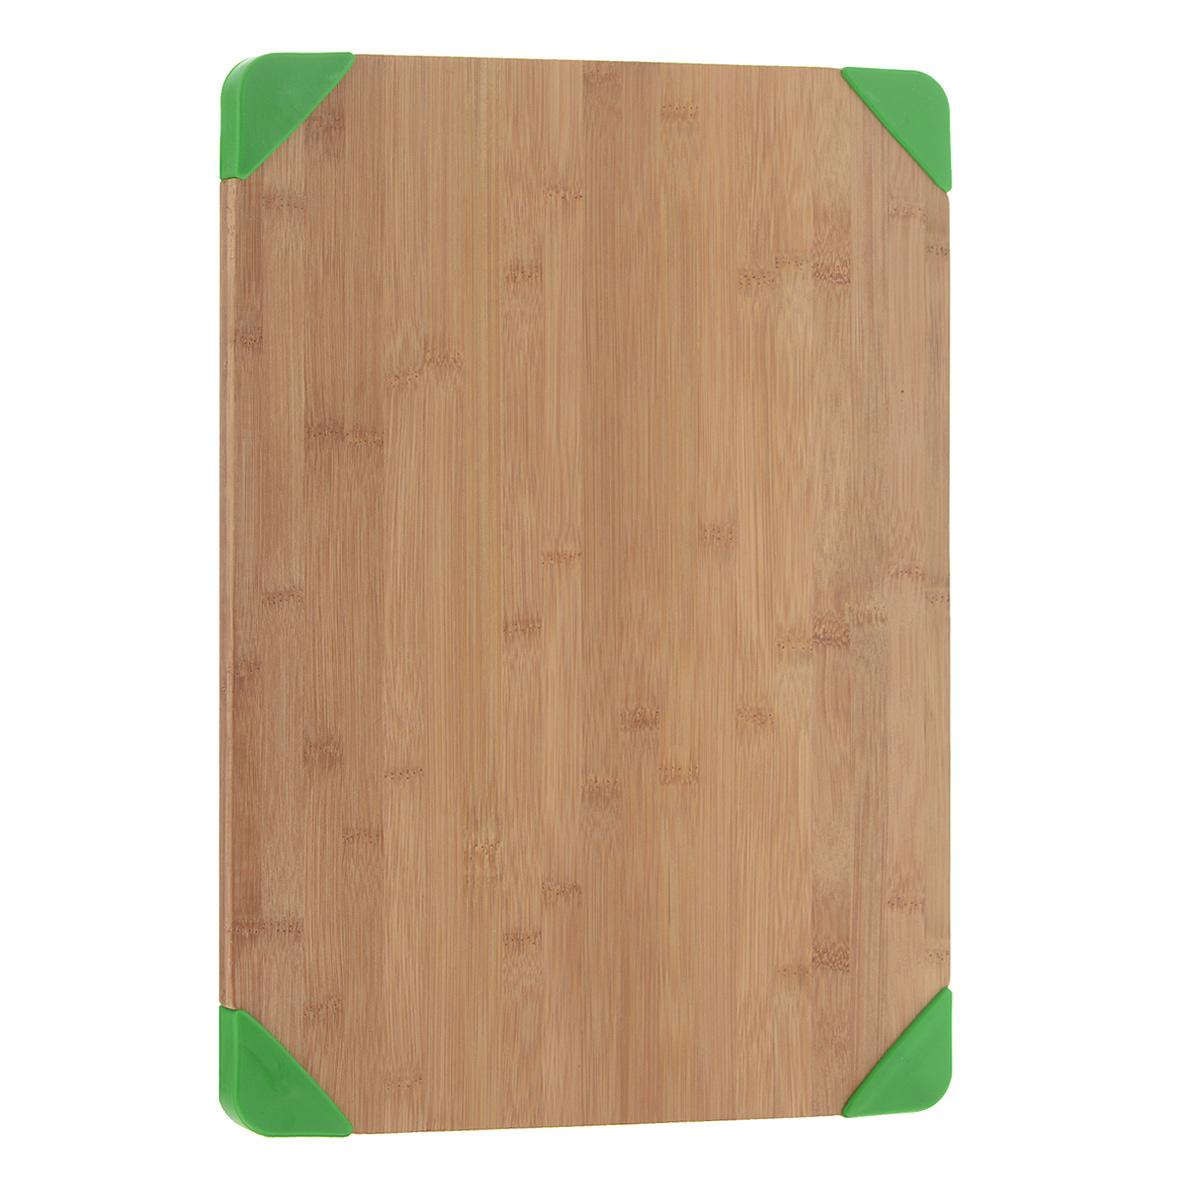 Доска разделочная Oriental Way, 38 х 28 смNL12018-2Разделочная доска Oriental Way изготовлена из высококачественного бамбука. Уголки доски оснащены резиновыми вставками зеленого цвета, которые обеспечивают устойчивость. Благодаря качественному природному материалу - древесине бамбука, доска обладает высокими гигиеничными свойствами, не впитывает влагу и запахи, имеет долгий срок службы и высокую износоустойчивость. Стильный дизайн гармонирует с любым интерьером.Не рекомендуется мыть в посудомоечной машине.Размер доски: 38 см х 28 см. Толщина: 1,6 см.